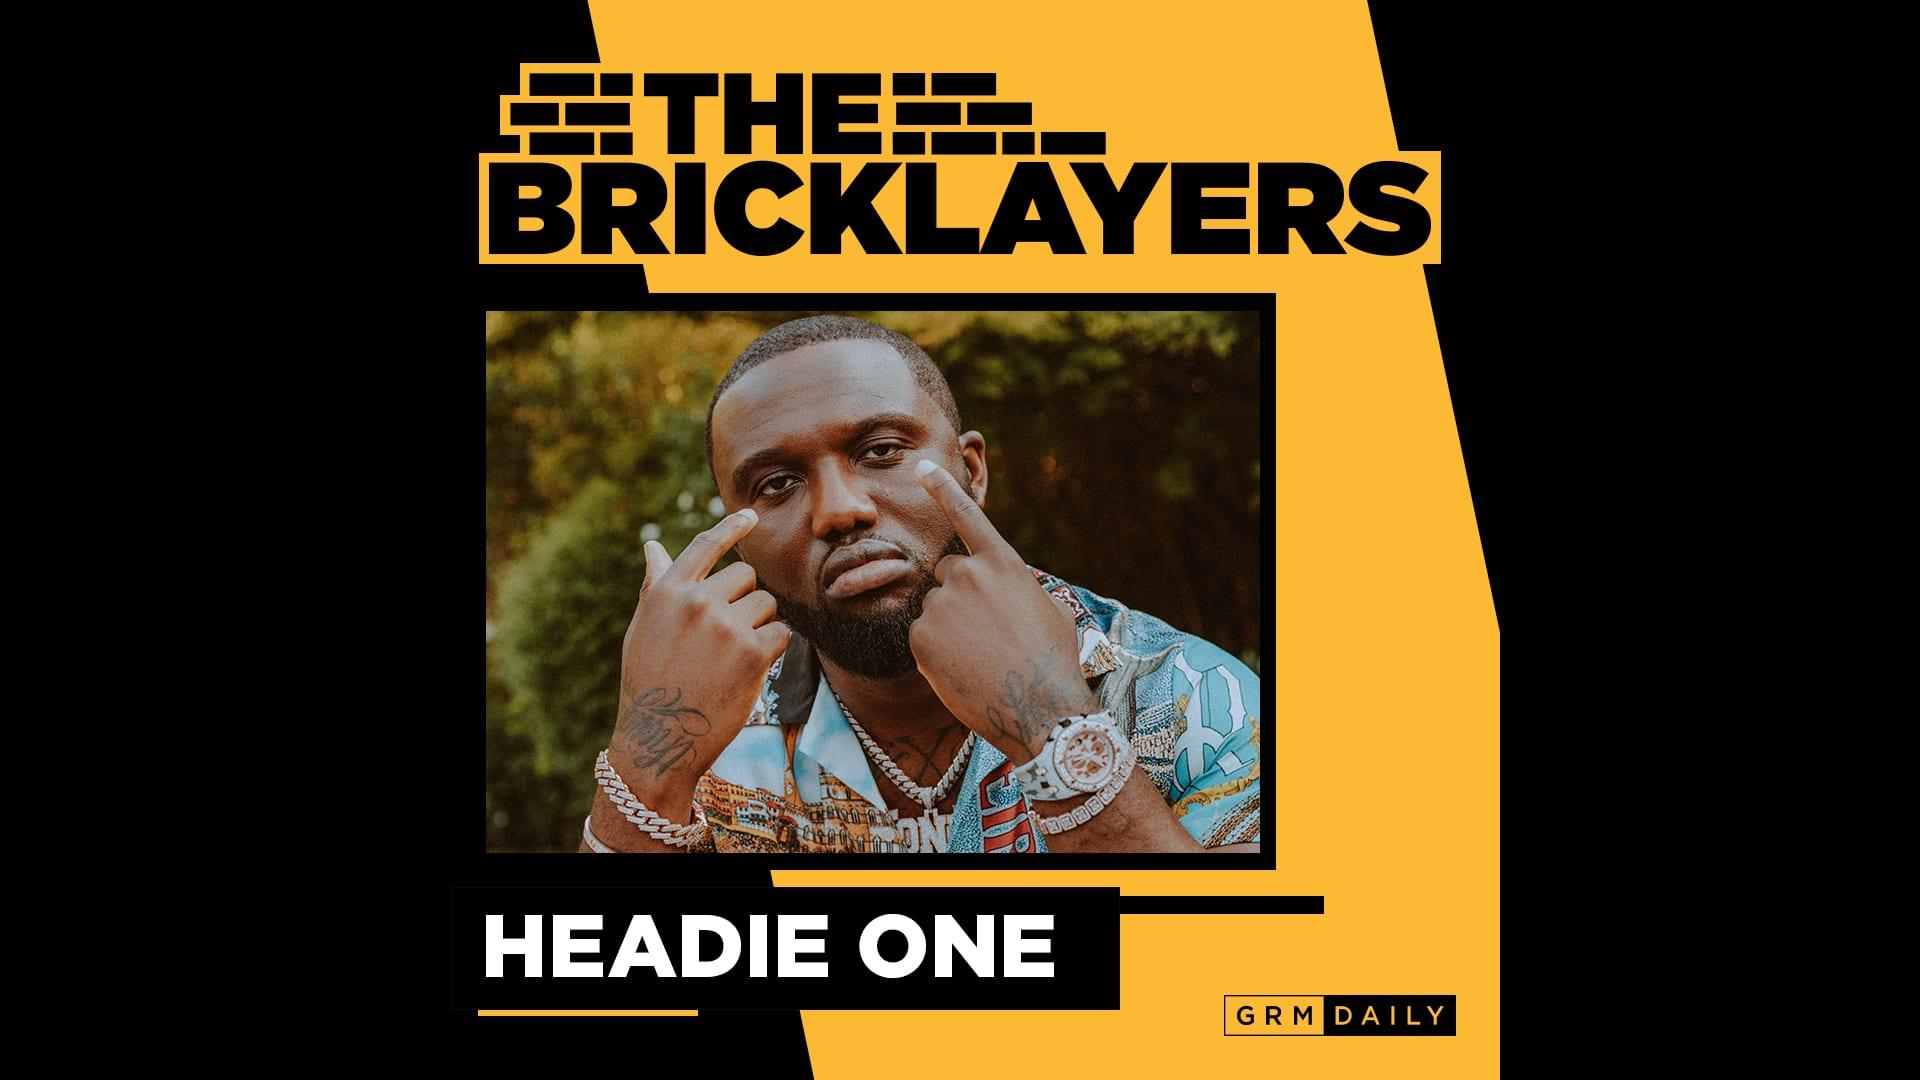 Headie One Bricklayers